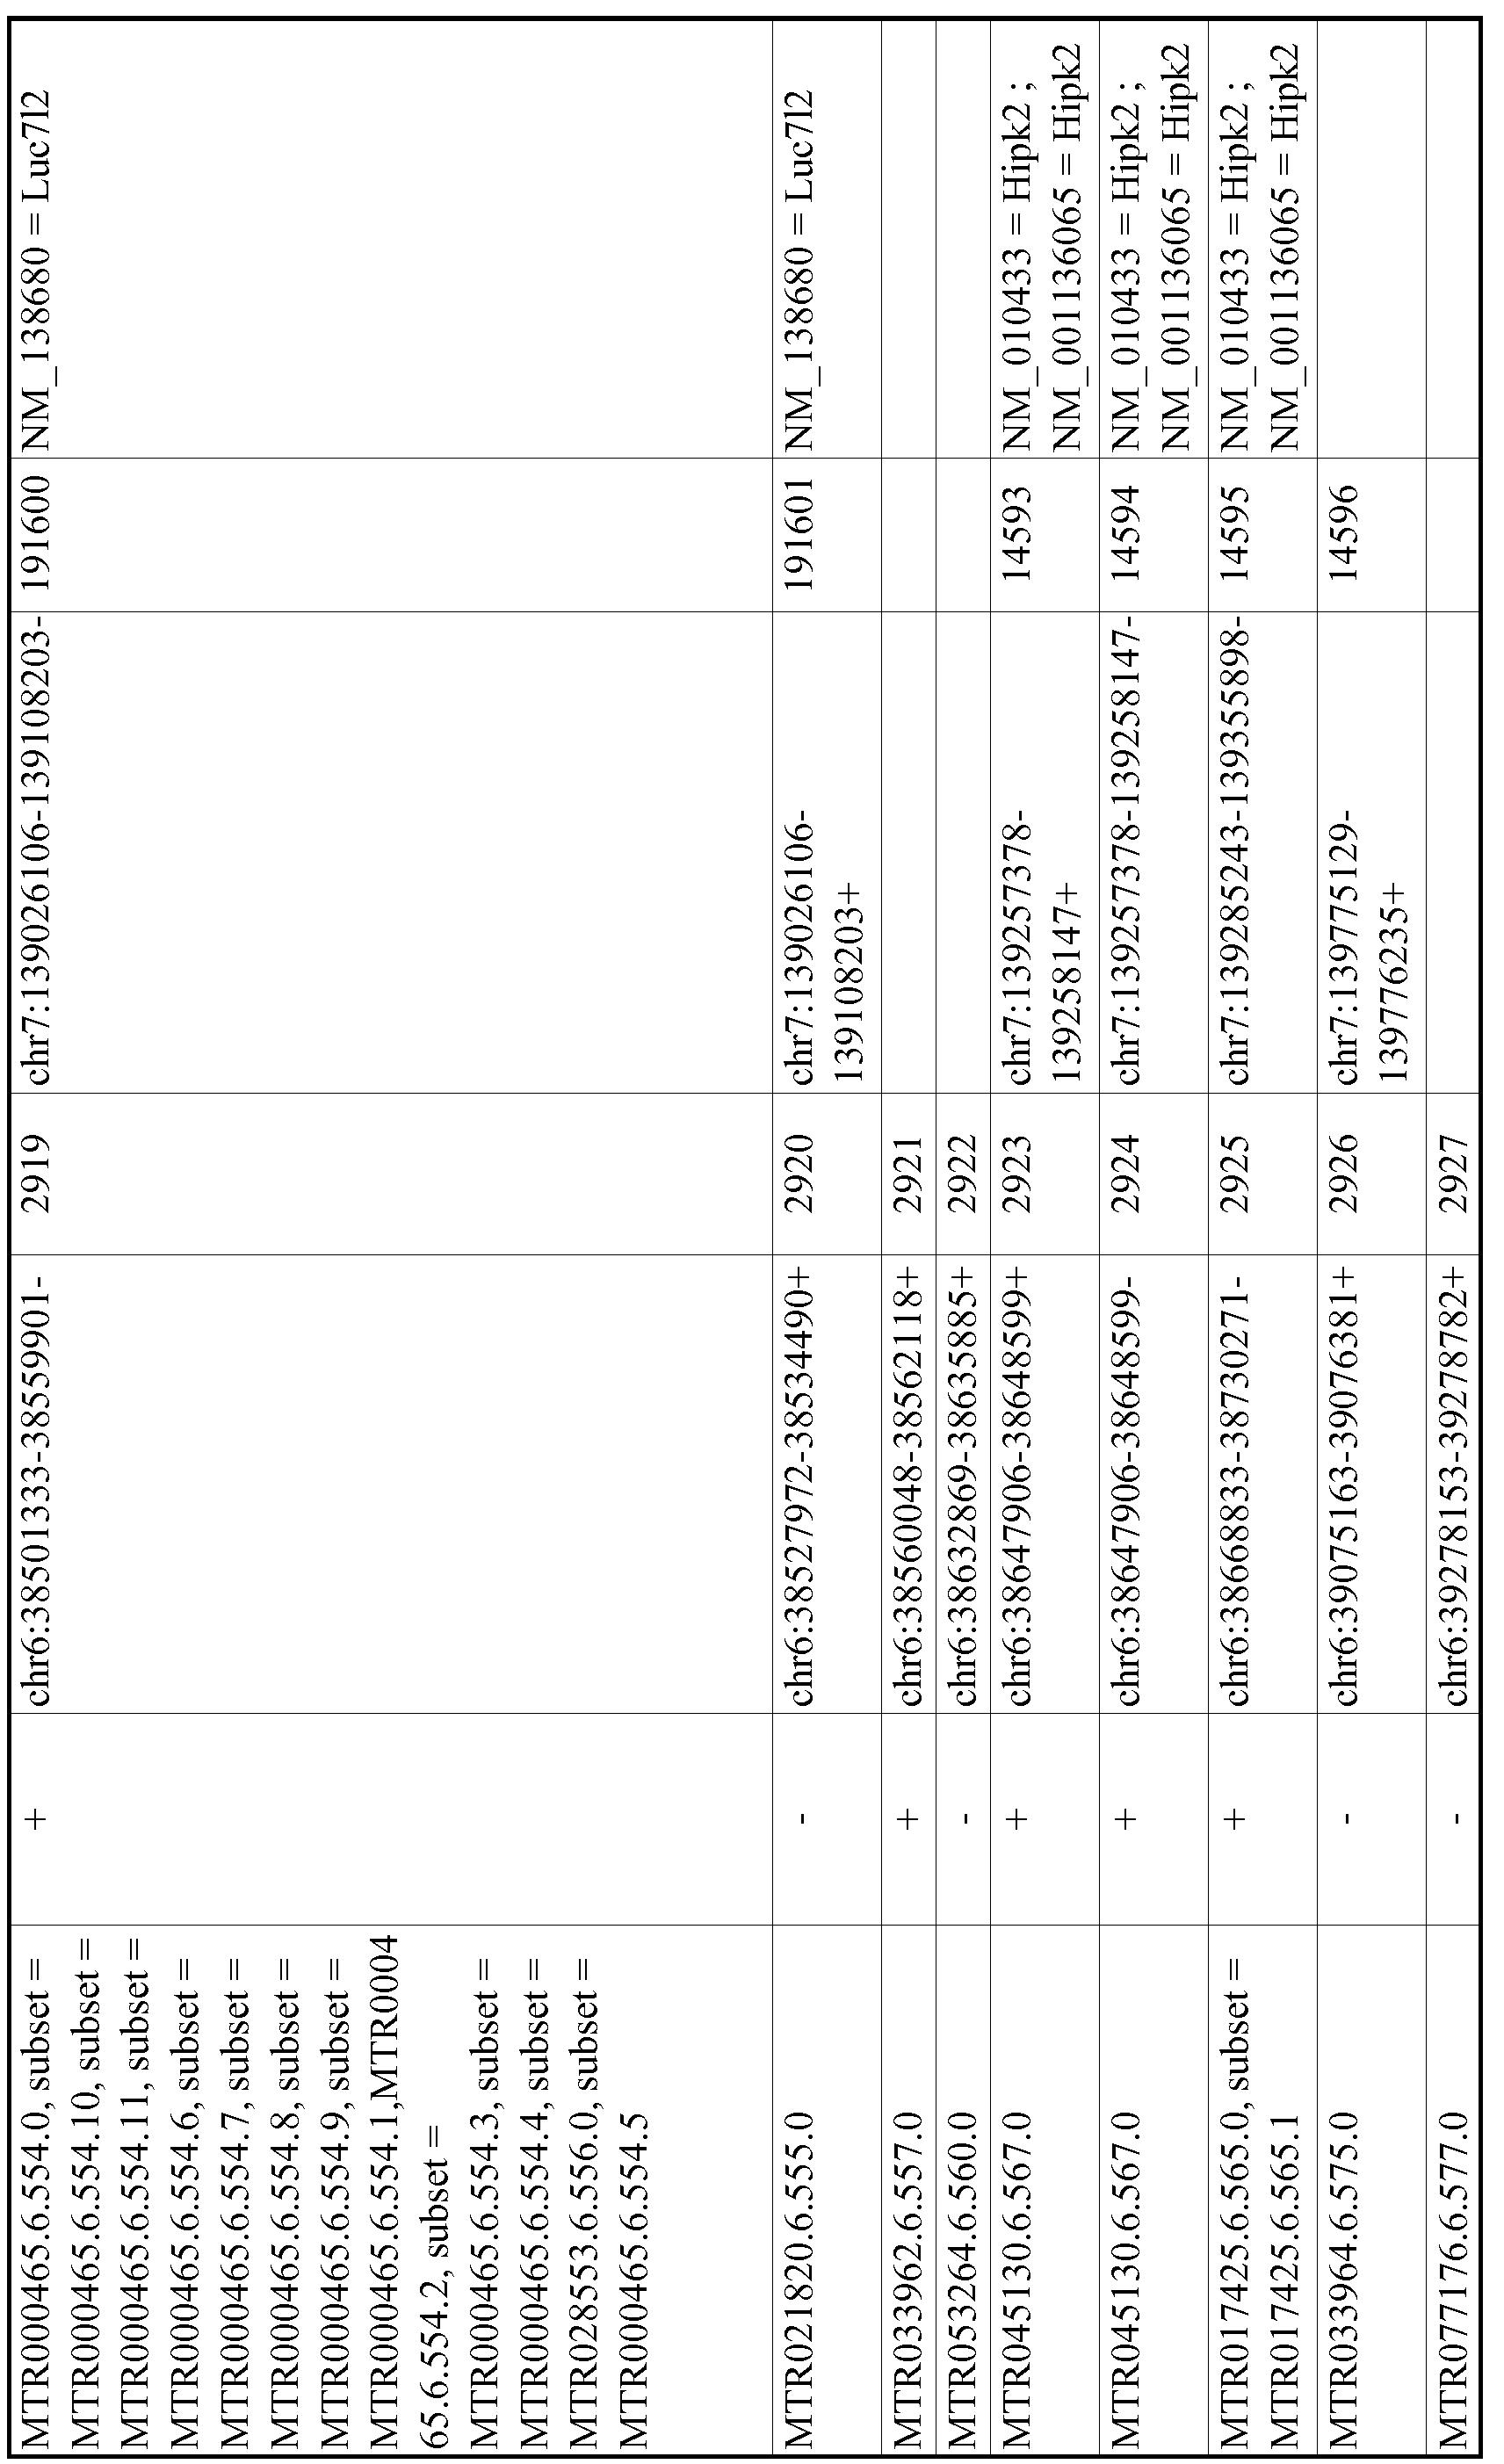 Figure imgf000594_0001